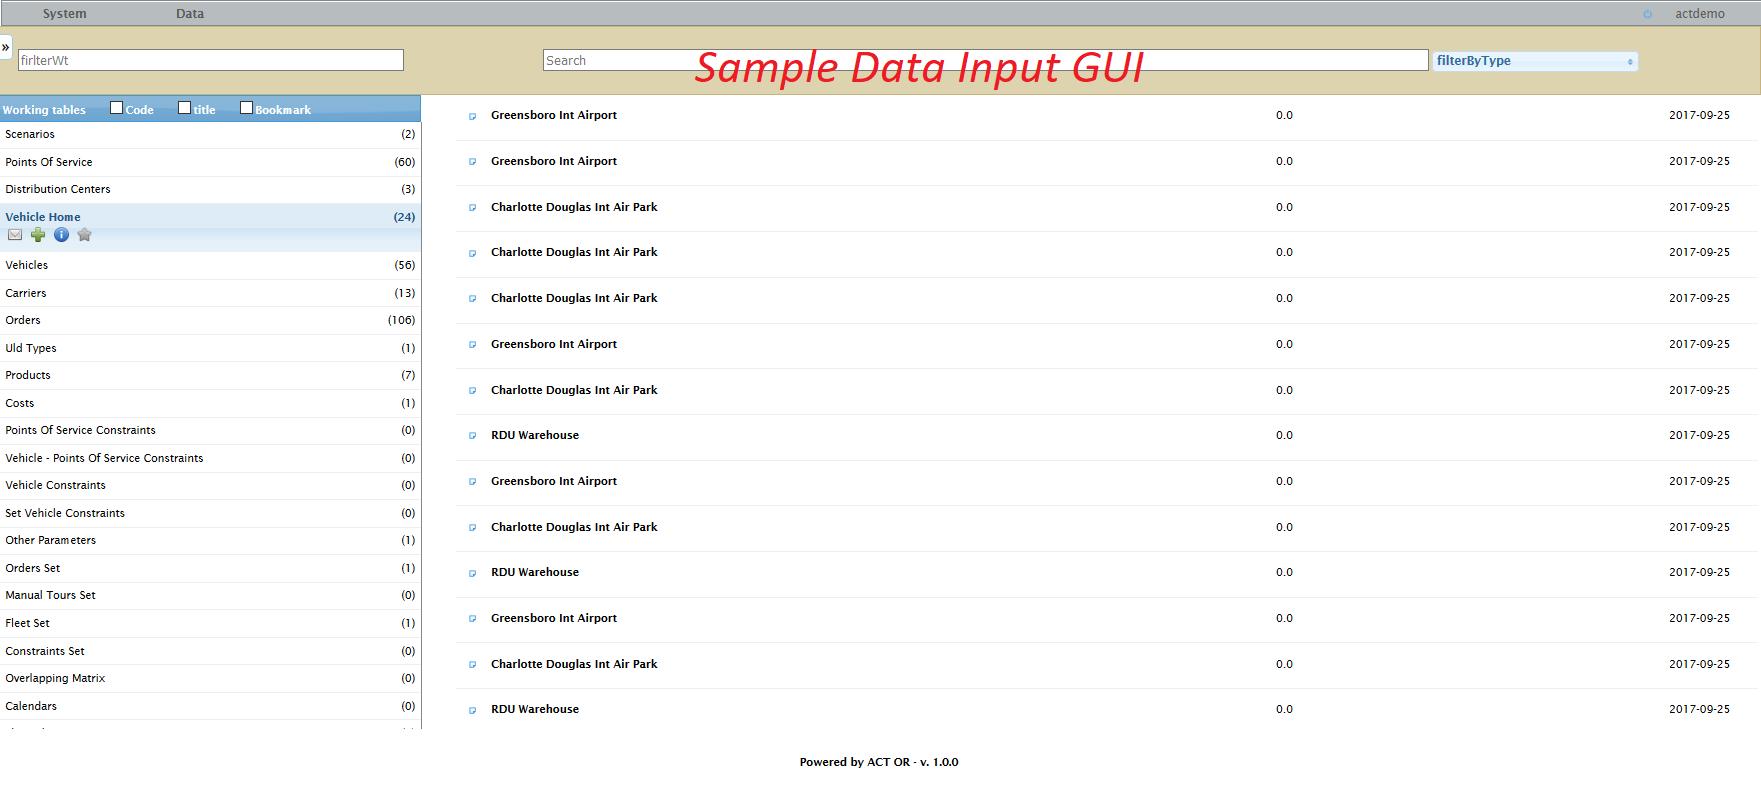 Data input GUI